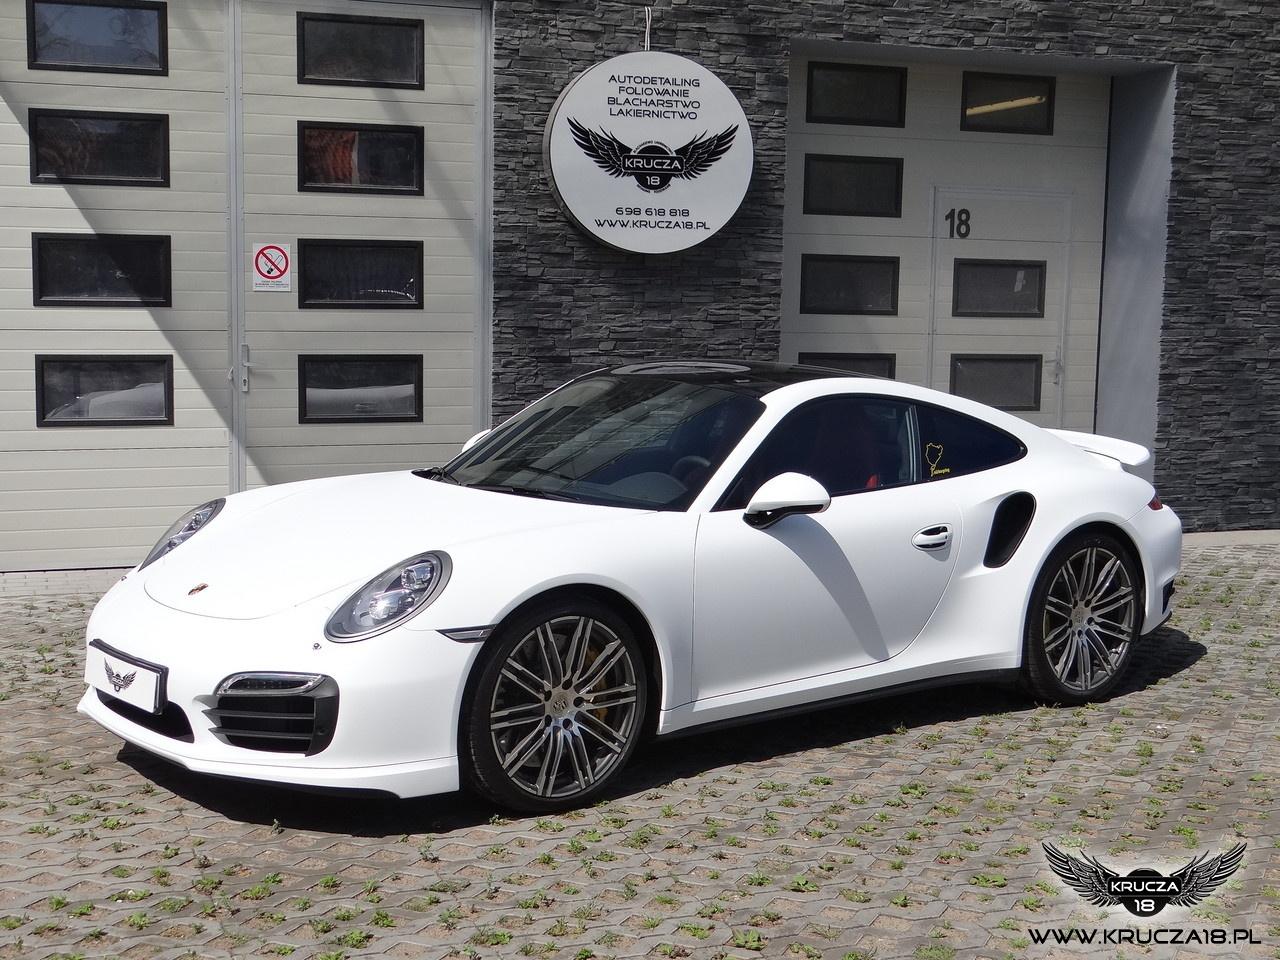 Porsche 911 Turbo S (991) - White Matt